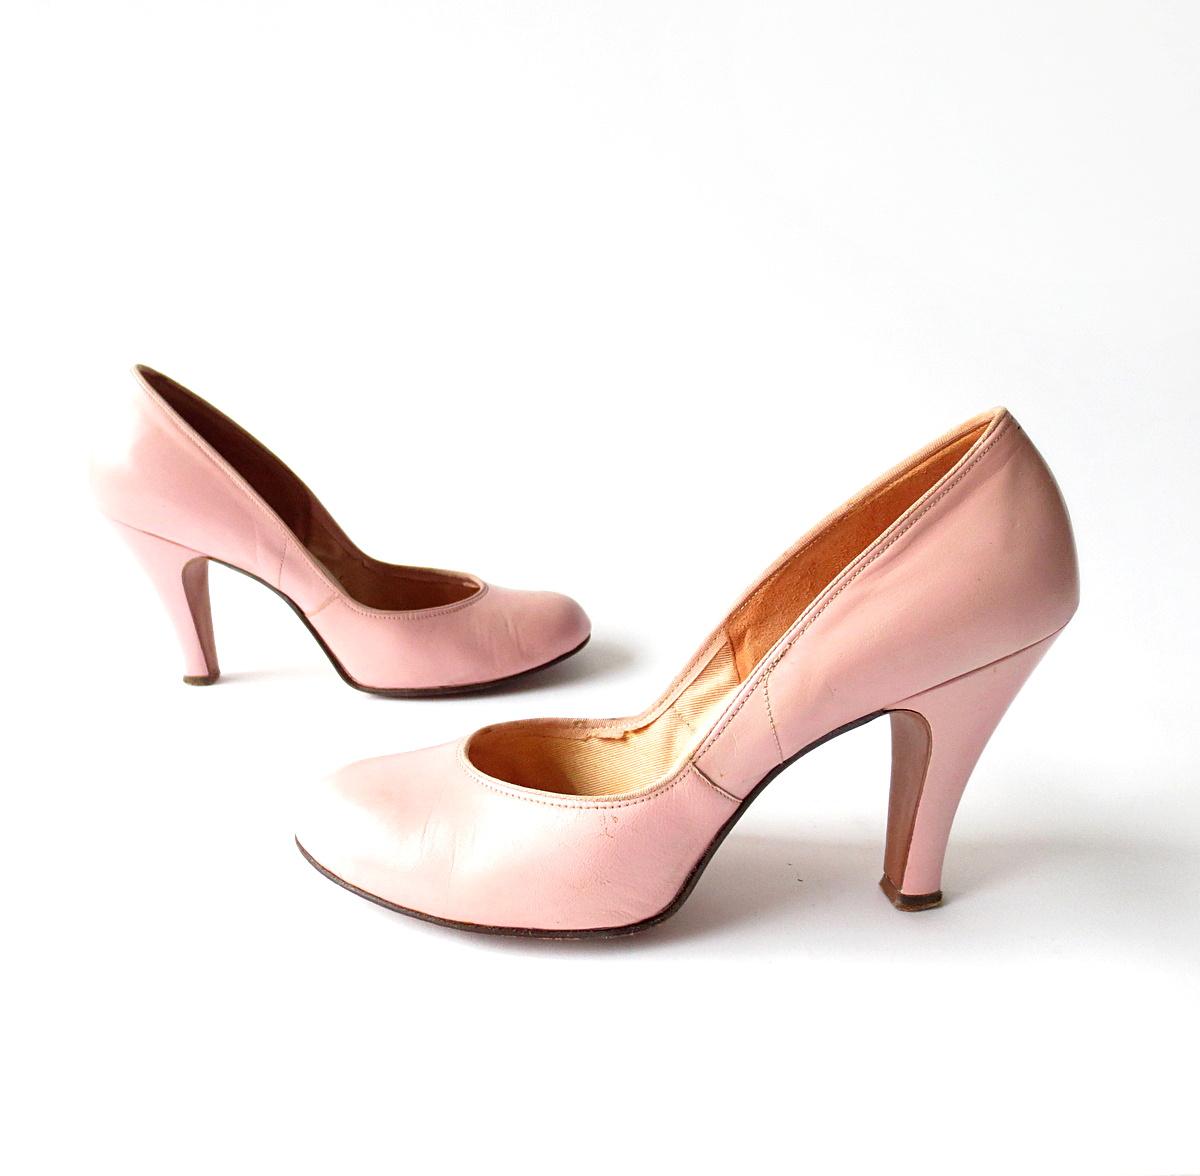 Vintage Pink Heels